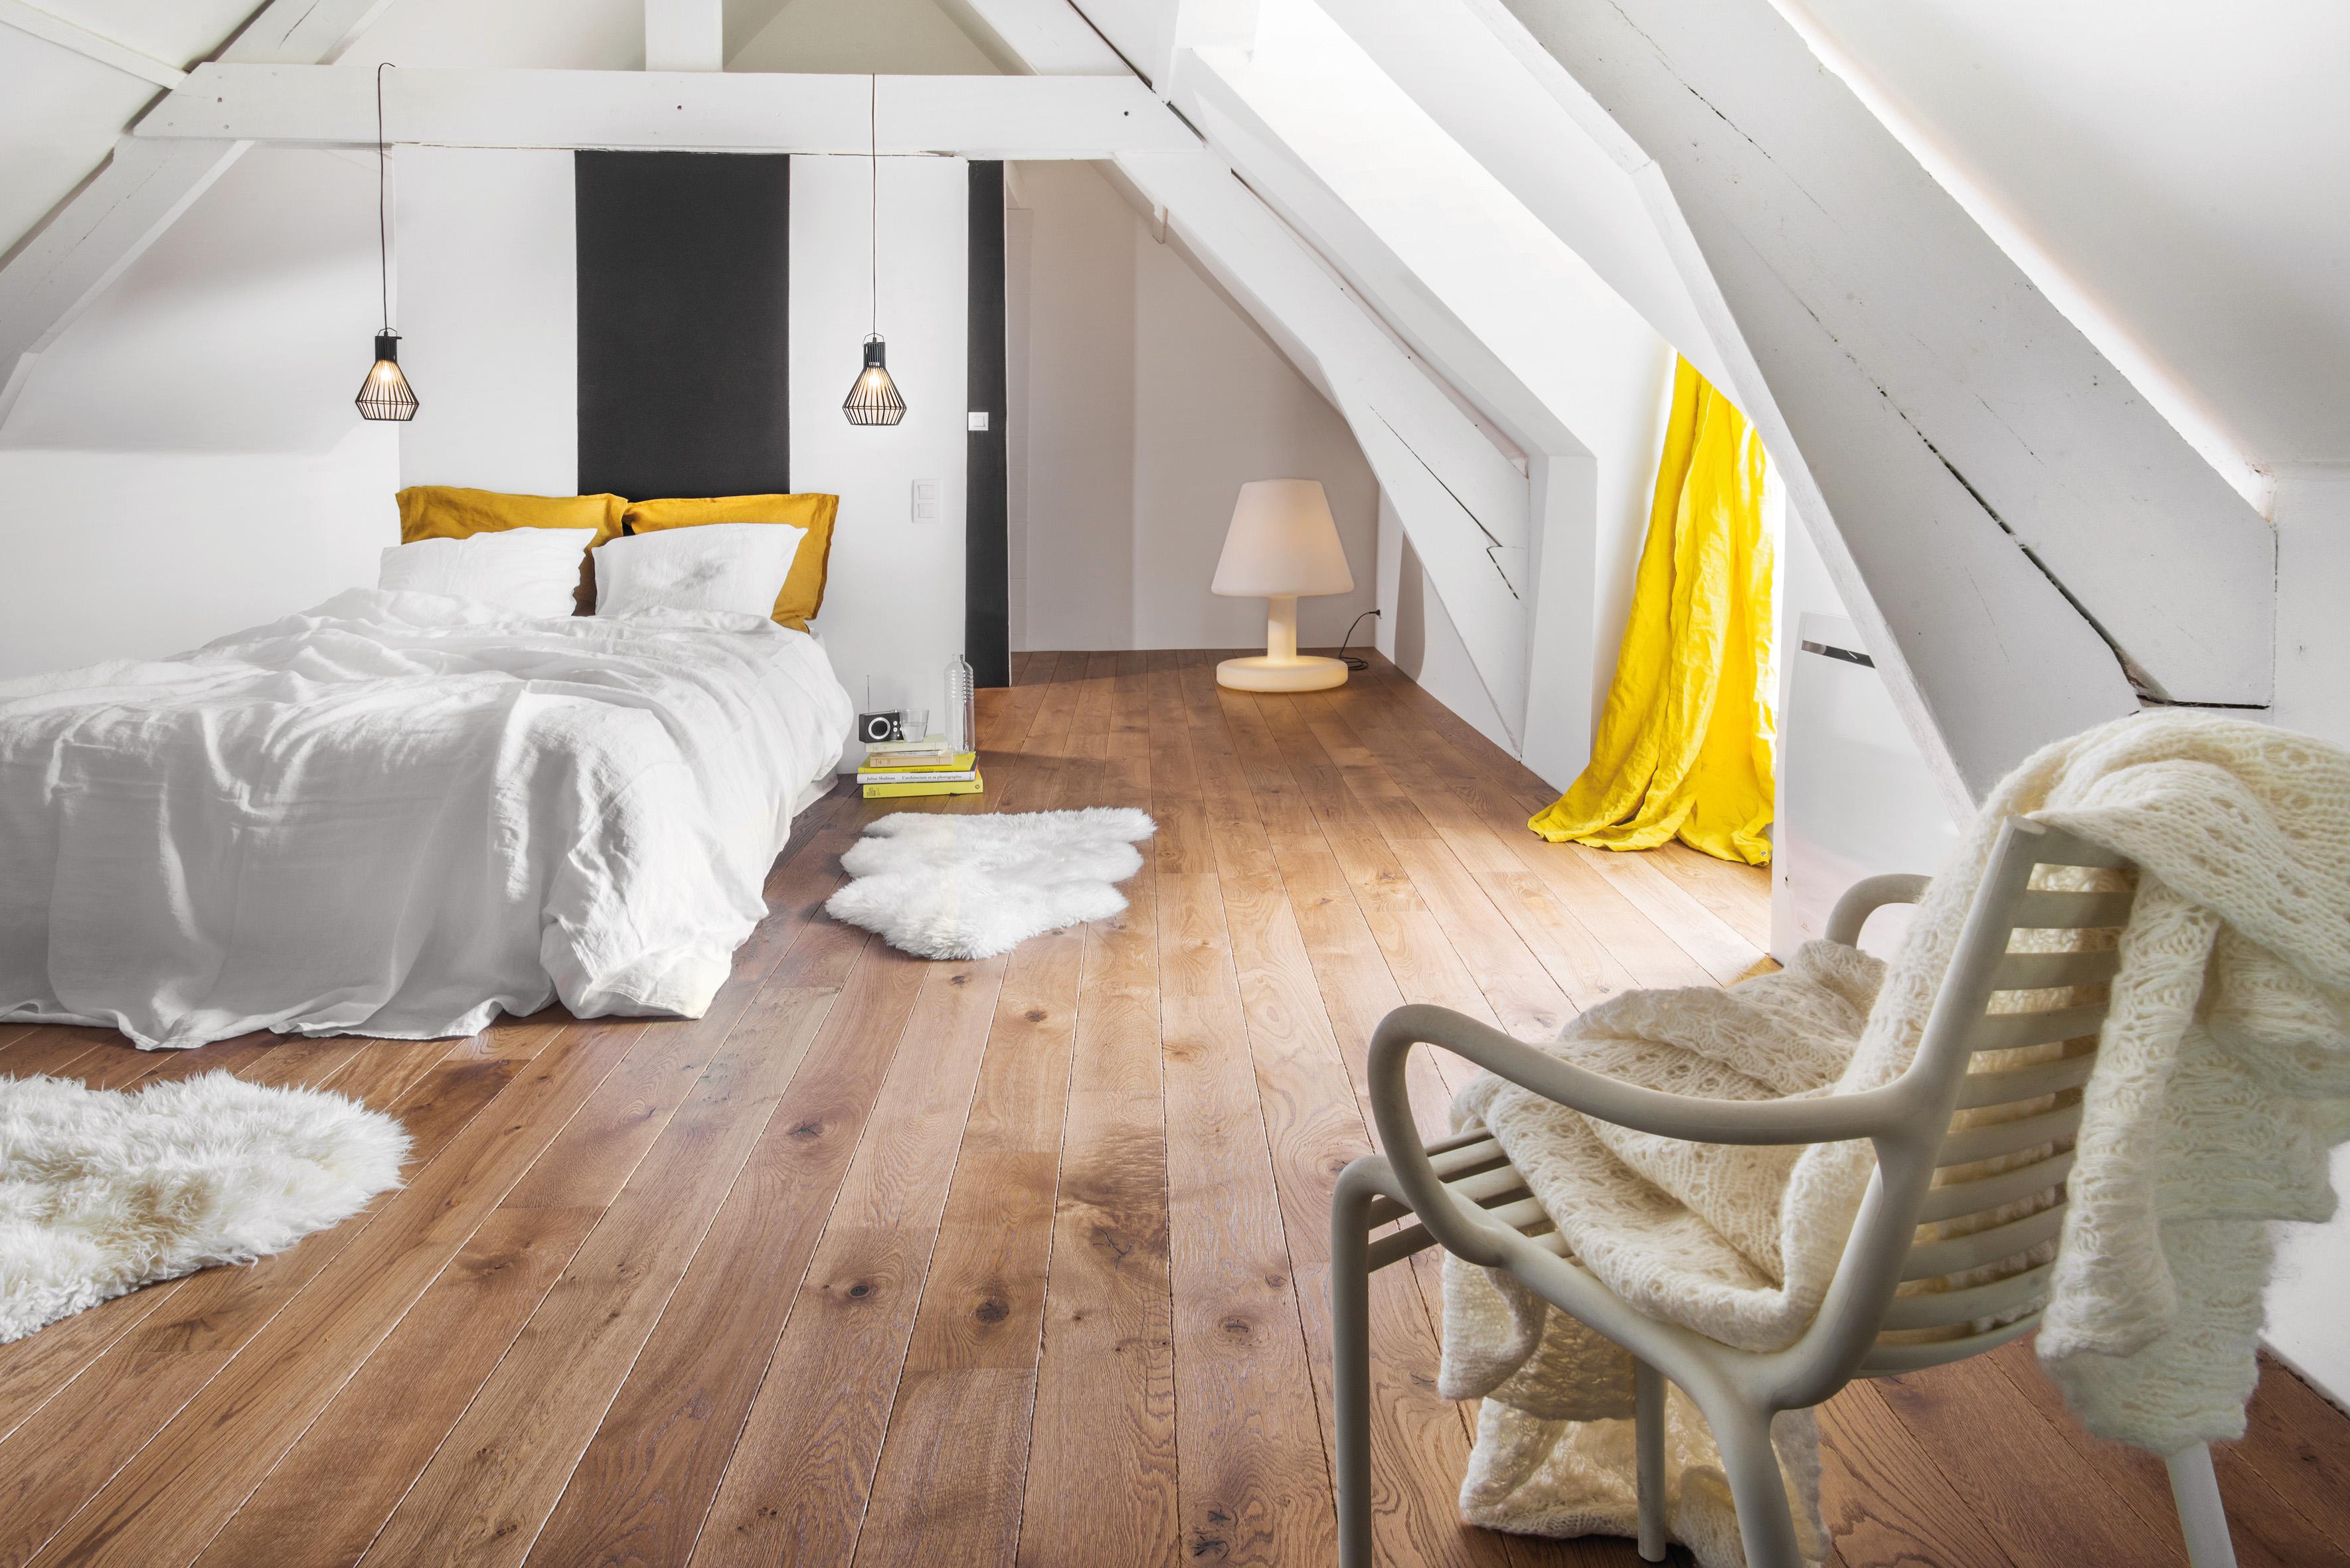 nouvelle finition cuir pour des effets de sols garantis. Black Bedroom Furniture Sets. Home Design Ideas